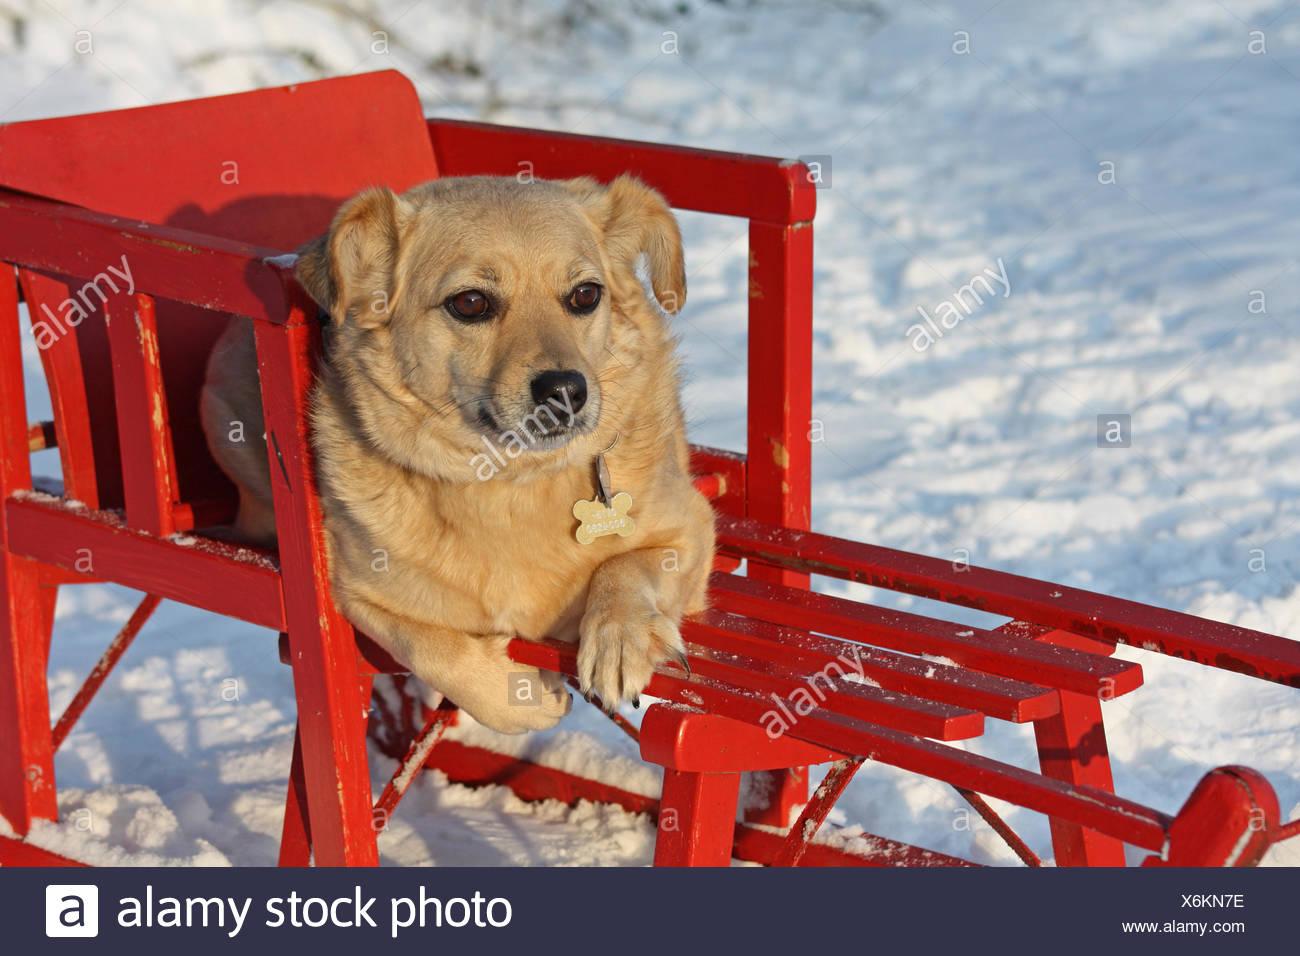 dog on a sleigh - Stock Image